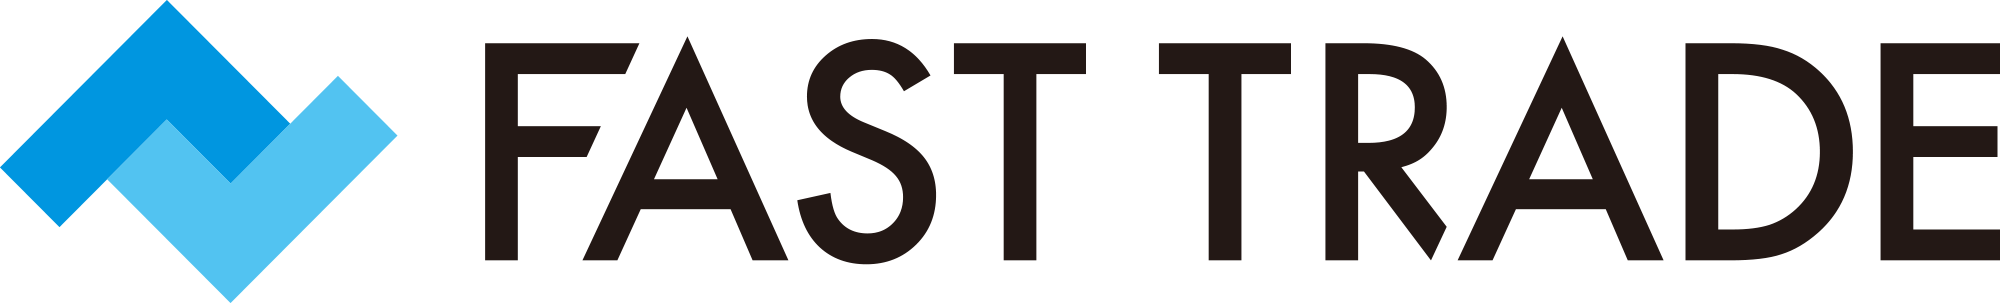 ファーストトレード株式会社 – FAST TRADE Co., Ltd.